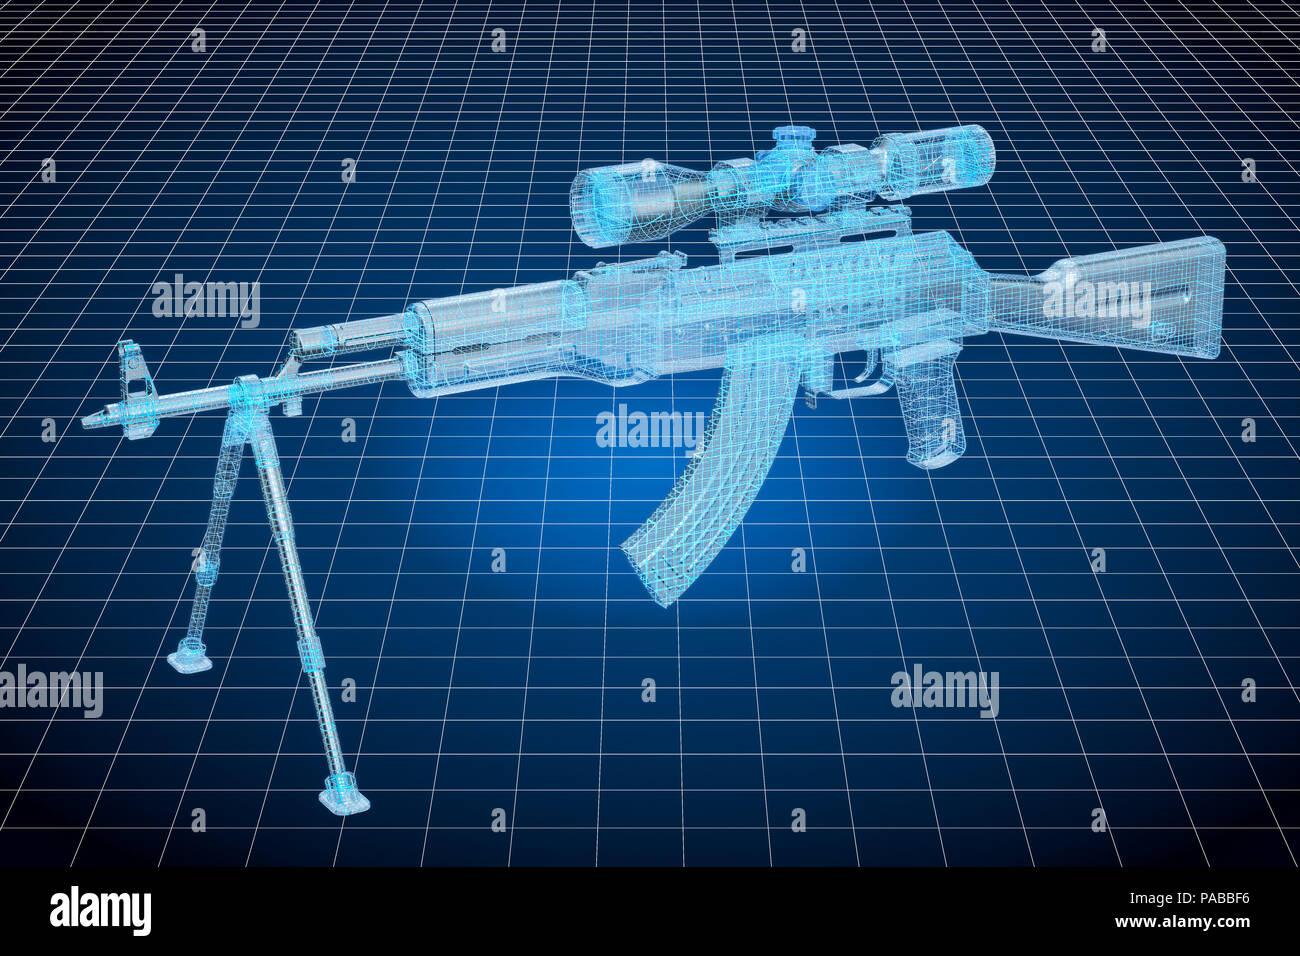 861eb2cdb8b6 Visualización de modelos CAD en 3D de arma